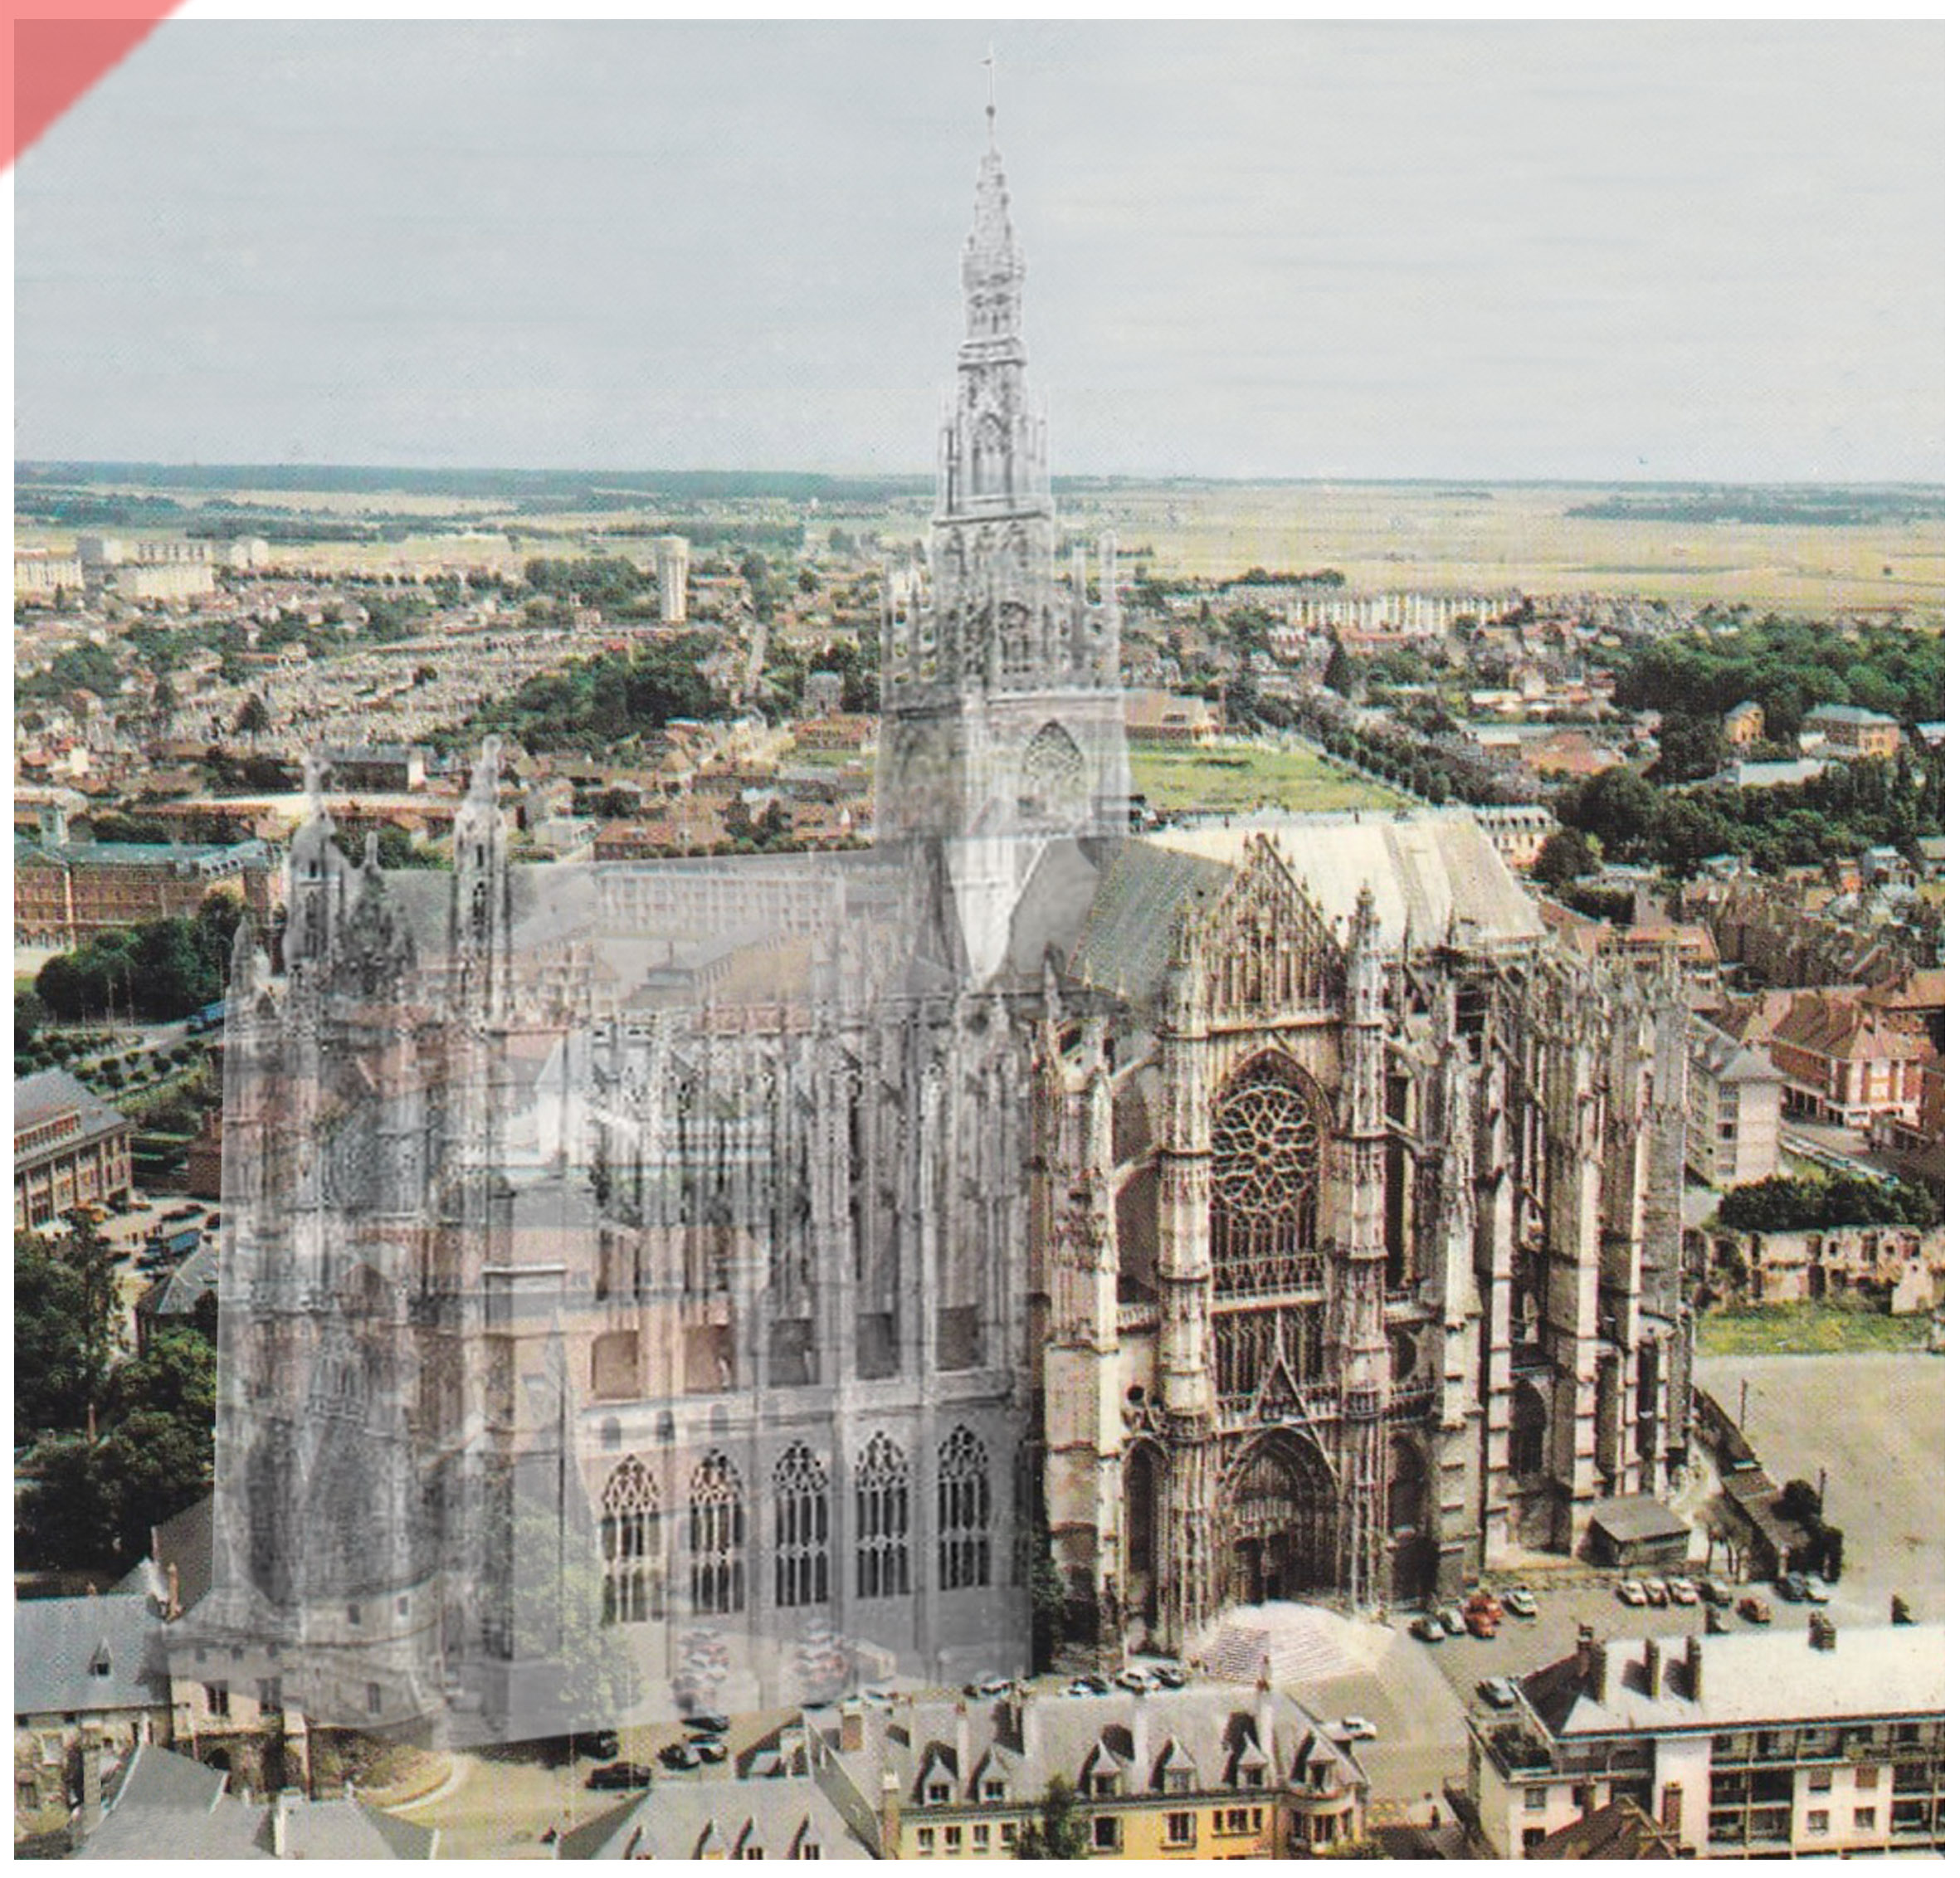 Cathédrale-Beauvais-vue-aerienne-façade-sud-façade-prévue-tour-1573-église-planifiée-Cathedrale-Beauvais-aerial-view-south-façade-geplante-façade-tower-1573-planned-kathedrale-church